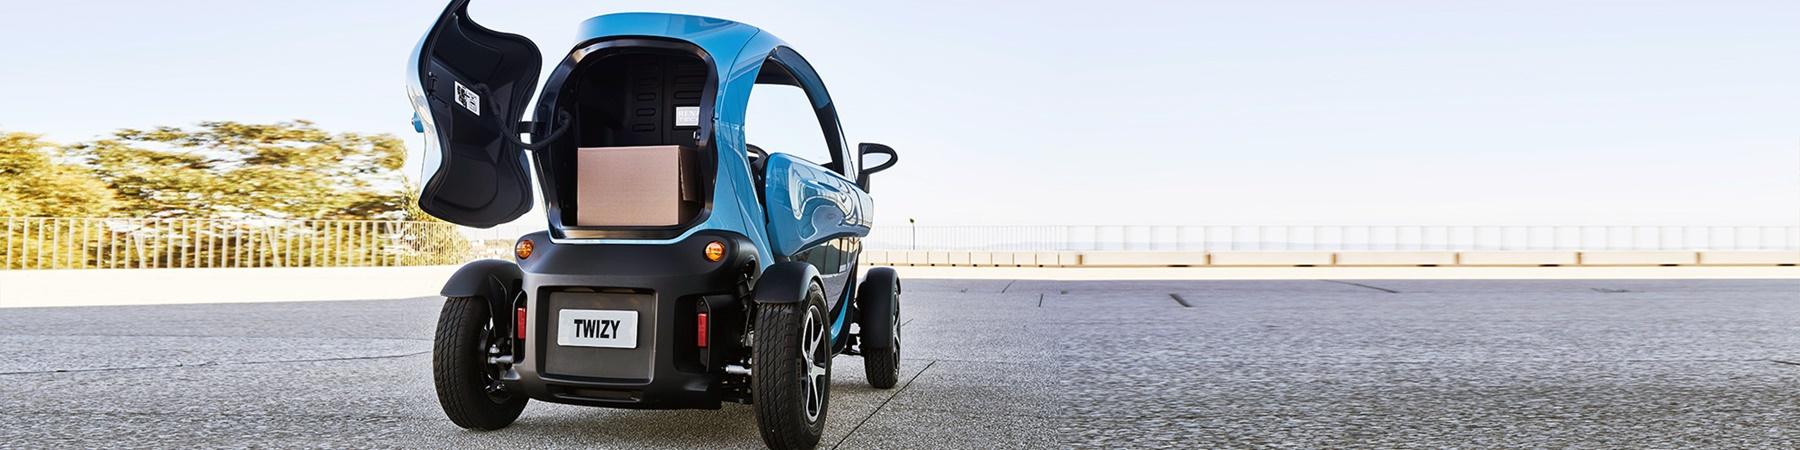 Renault Twizy Cargo 6.1kWh 70 km actieradius